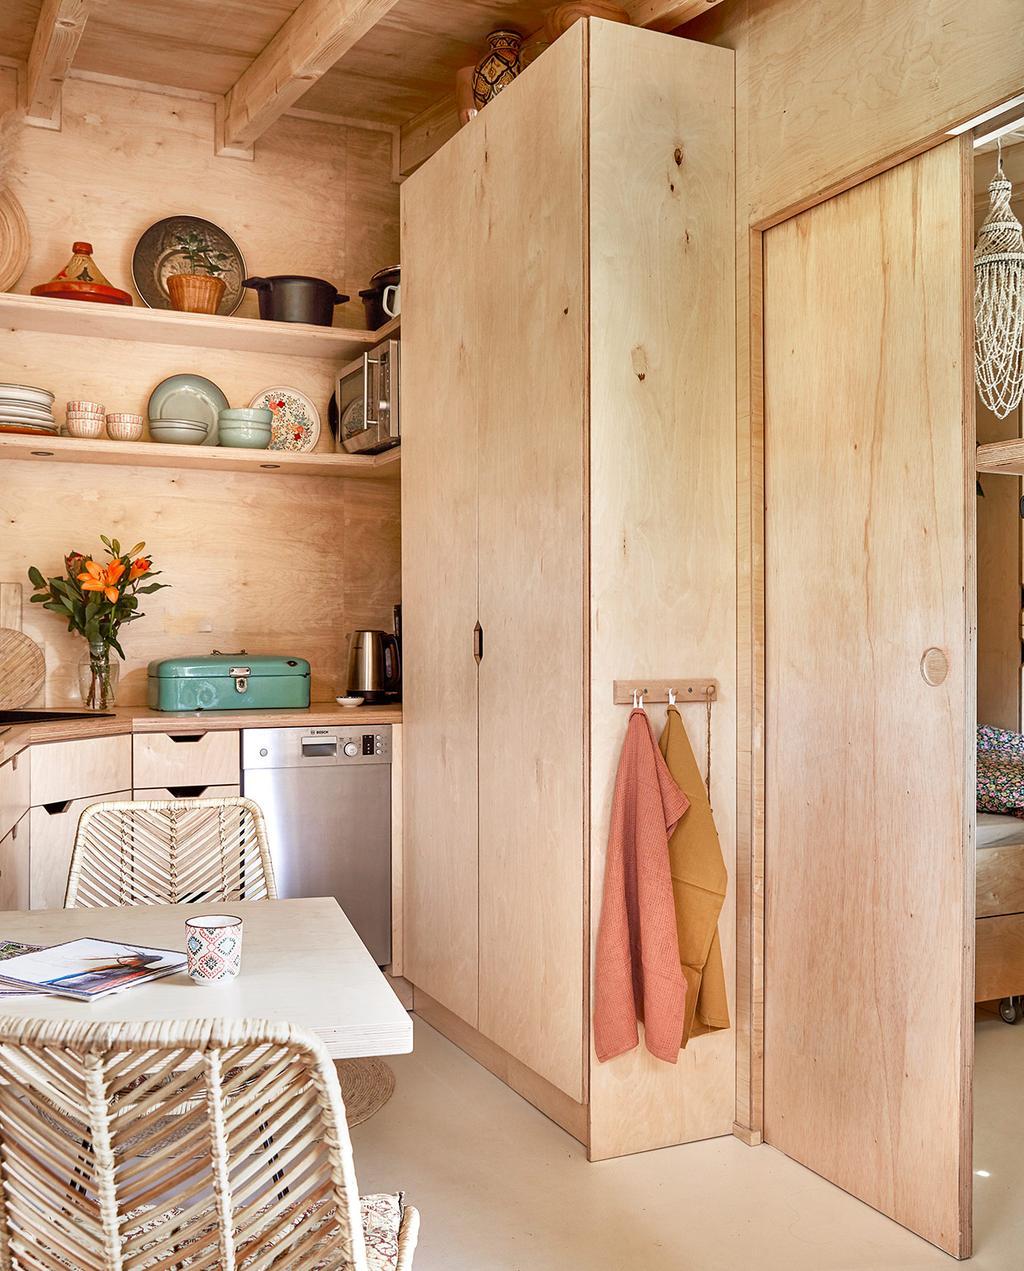 vtwonen binnenkijken special tiny houses   schuifdeur tussen de keuken en de slaapkamer